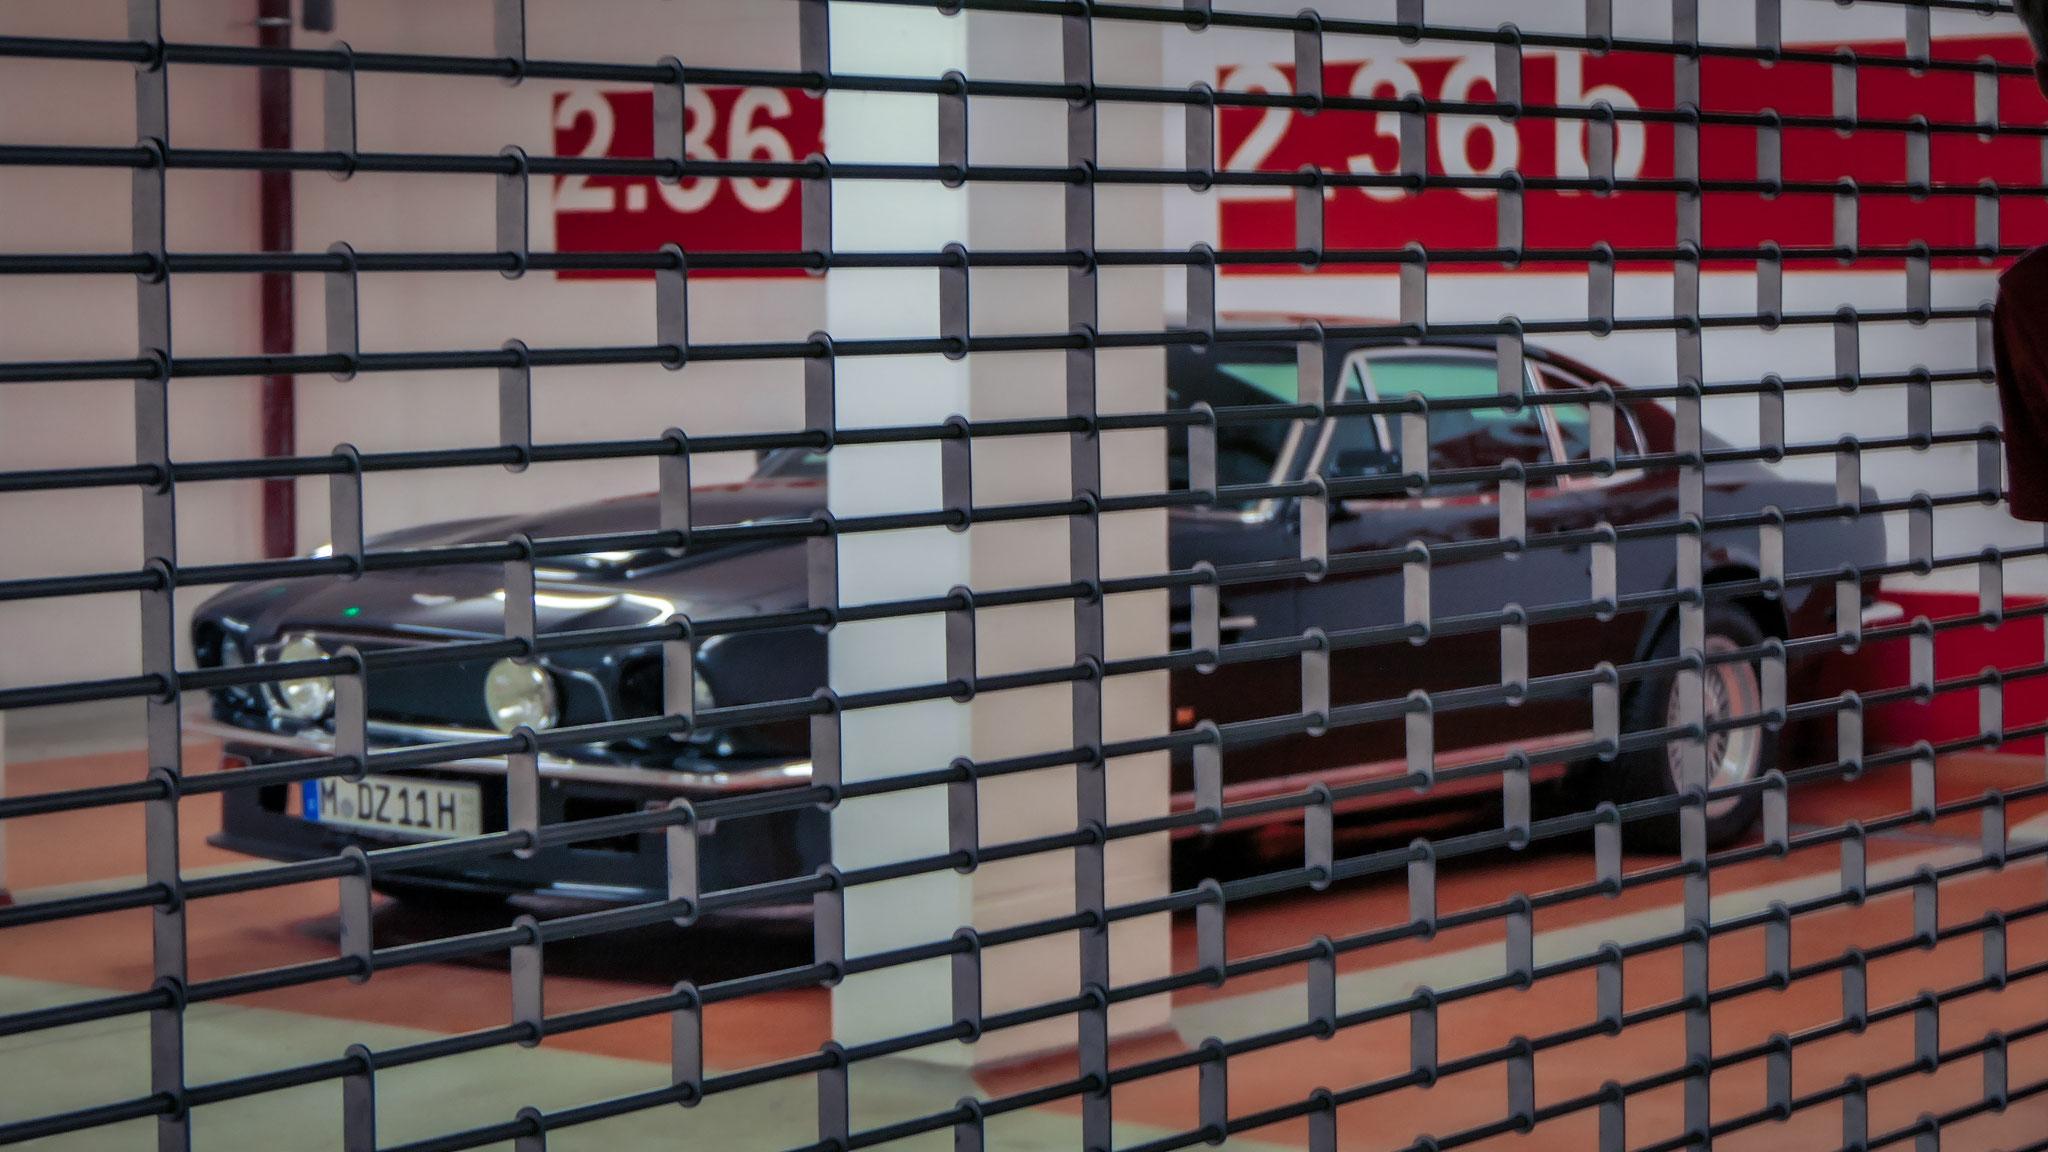 Aston Martin V8 Vantage - M-DZ-11H